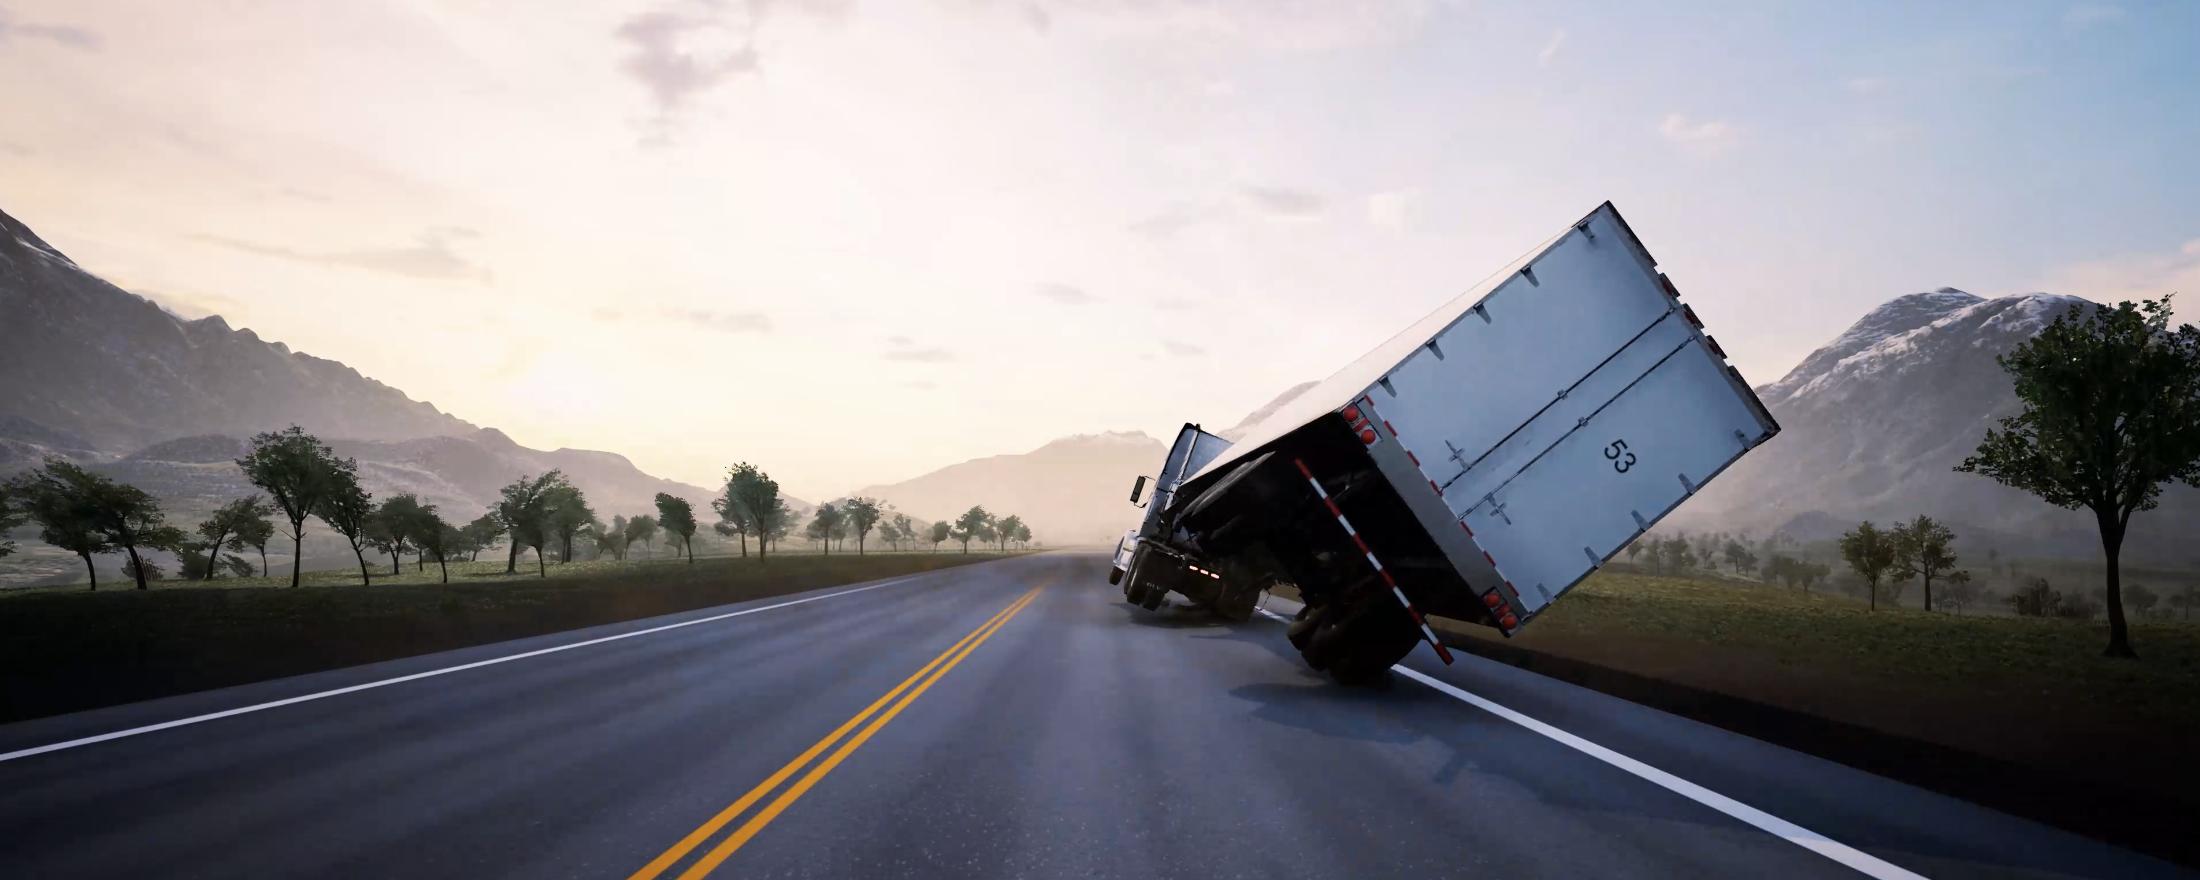 Tecnología antivuelco para camiones en temporales de ventiscas